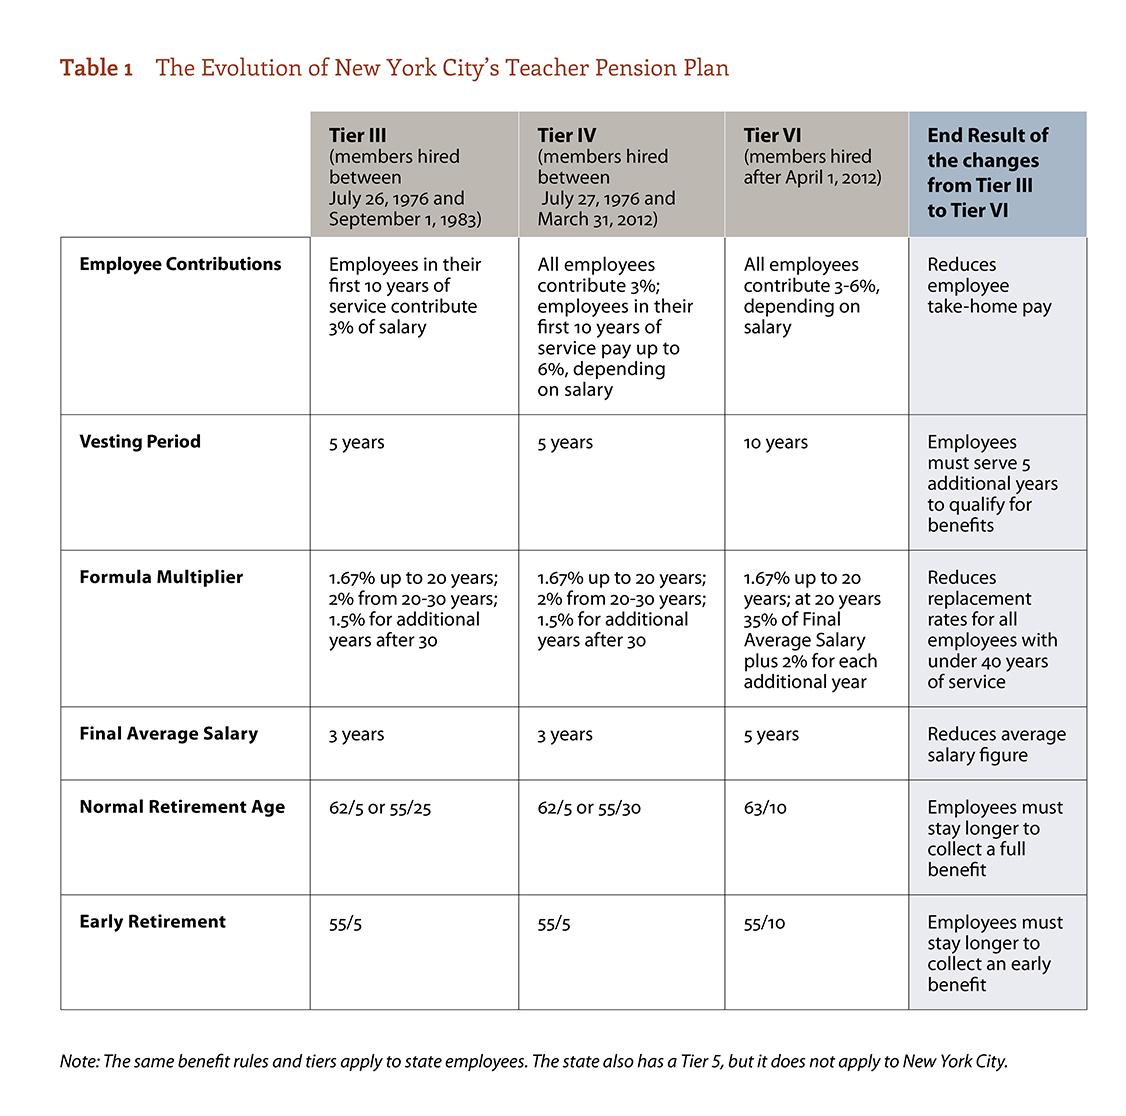 The Evolution of New York City's Teacher Pension Plan